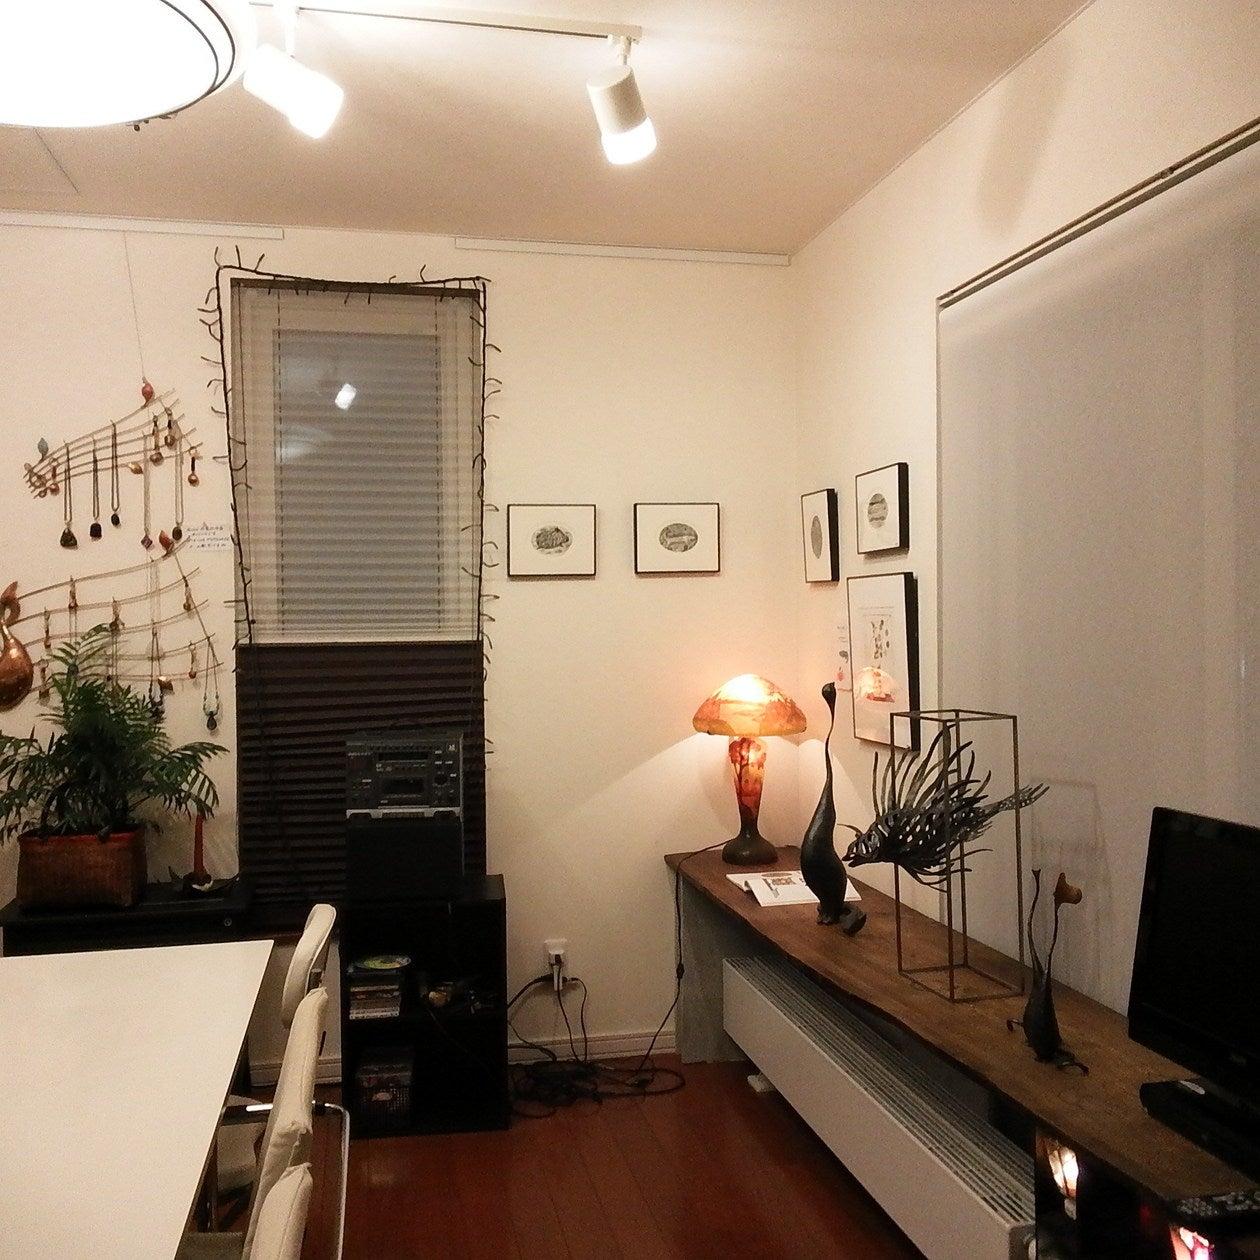 キッチン付きレンタルスペース。GALLERYスペースをパーティー・会議・各種レッスンルームなど多目的に使え、宿泊もできる。(アートサロン細川) の写真0